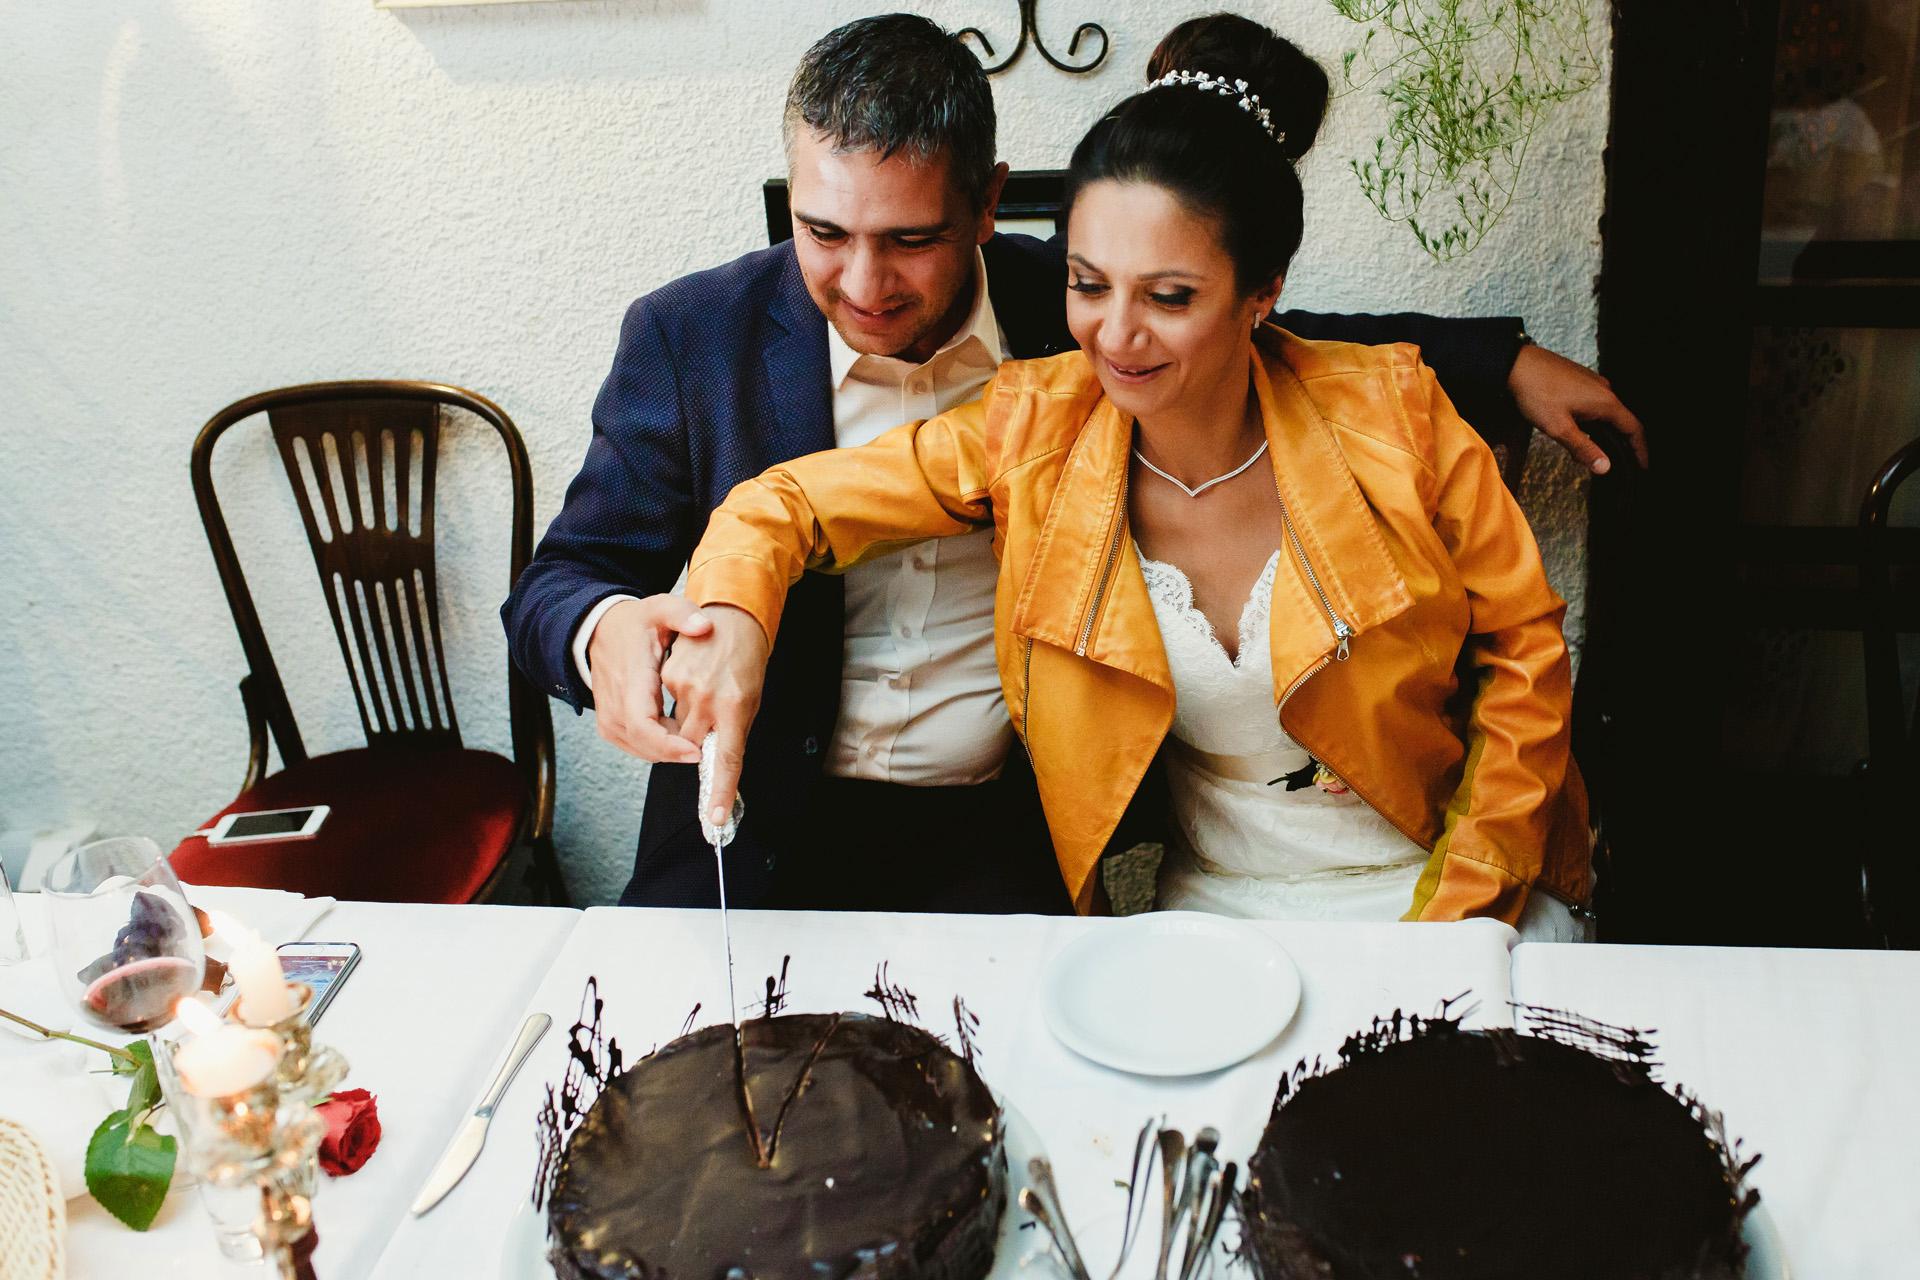 Skadarlija, Belgrade, Serbie Elopement Party Image | Une simple cérémonie de coupe de gâteau